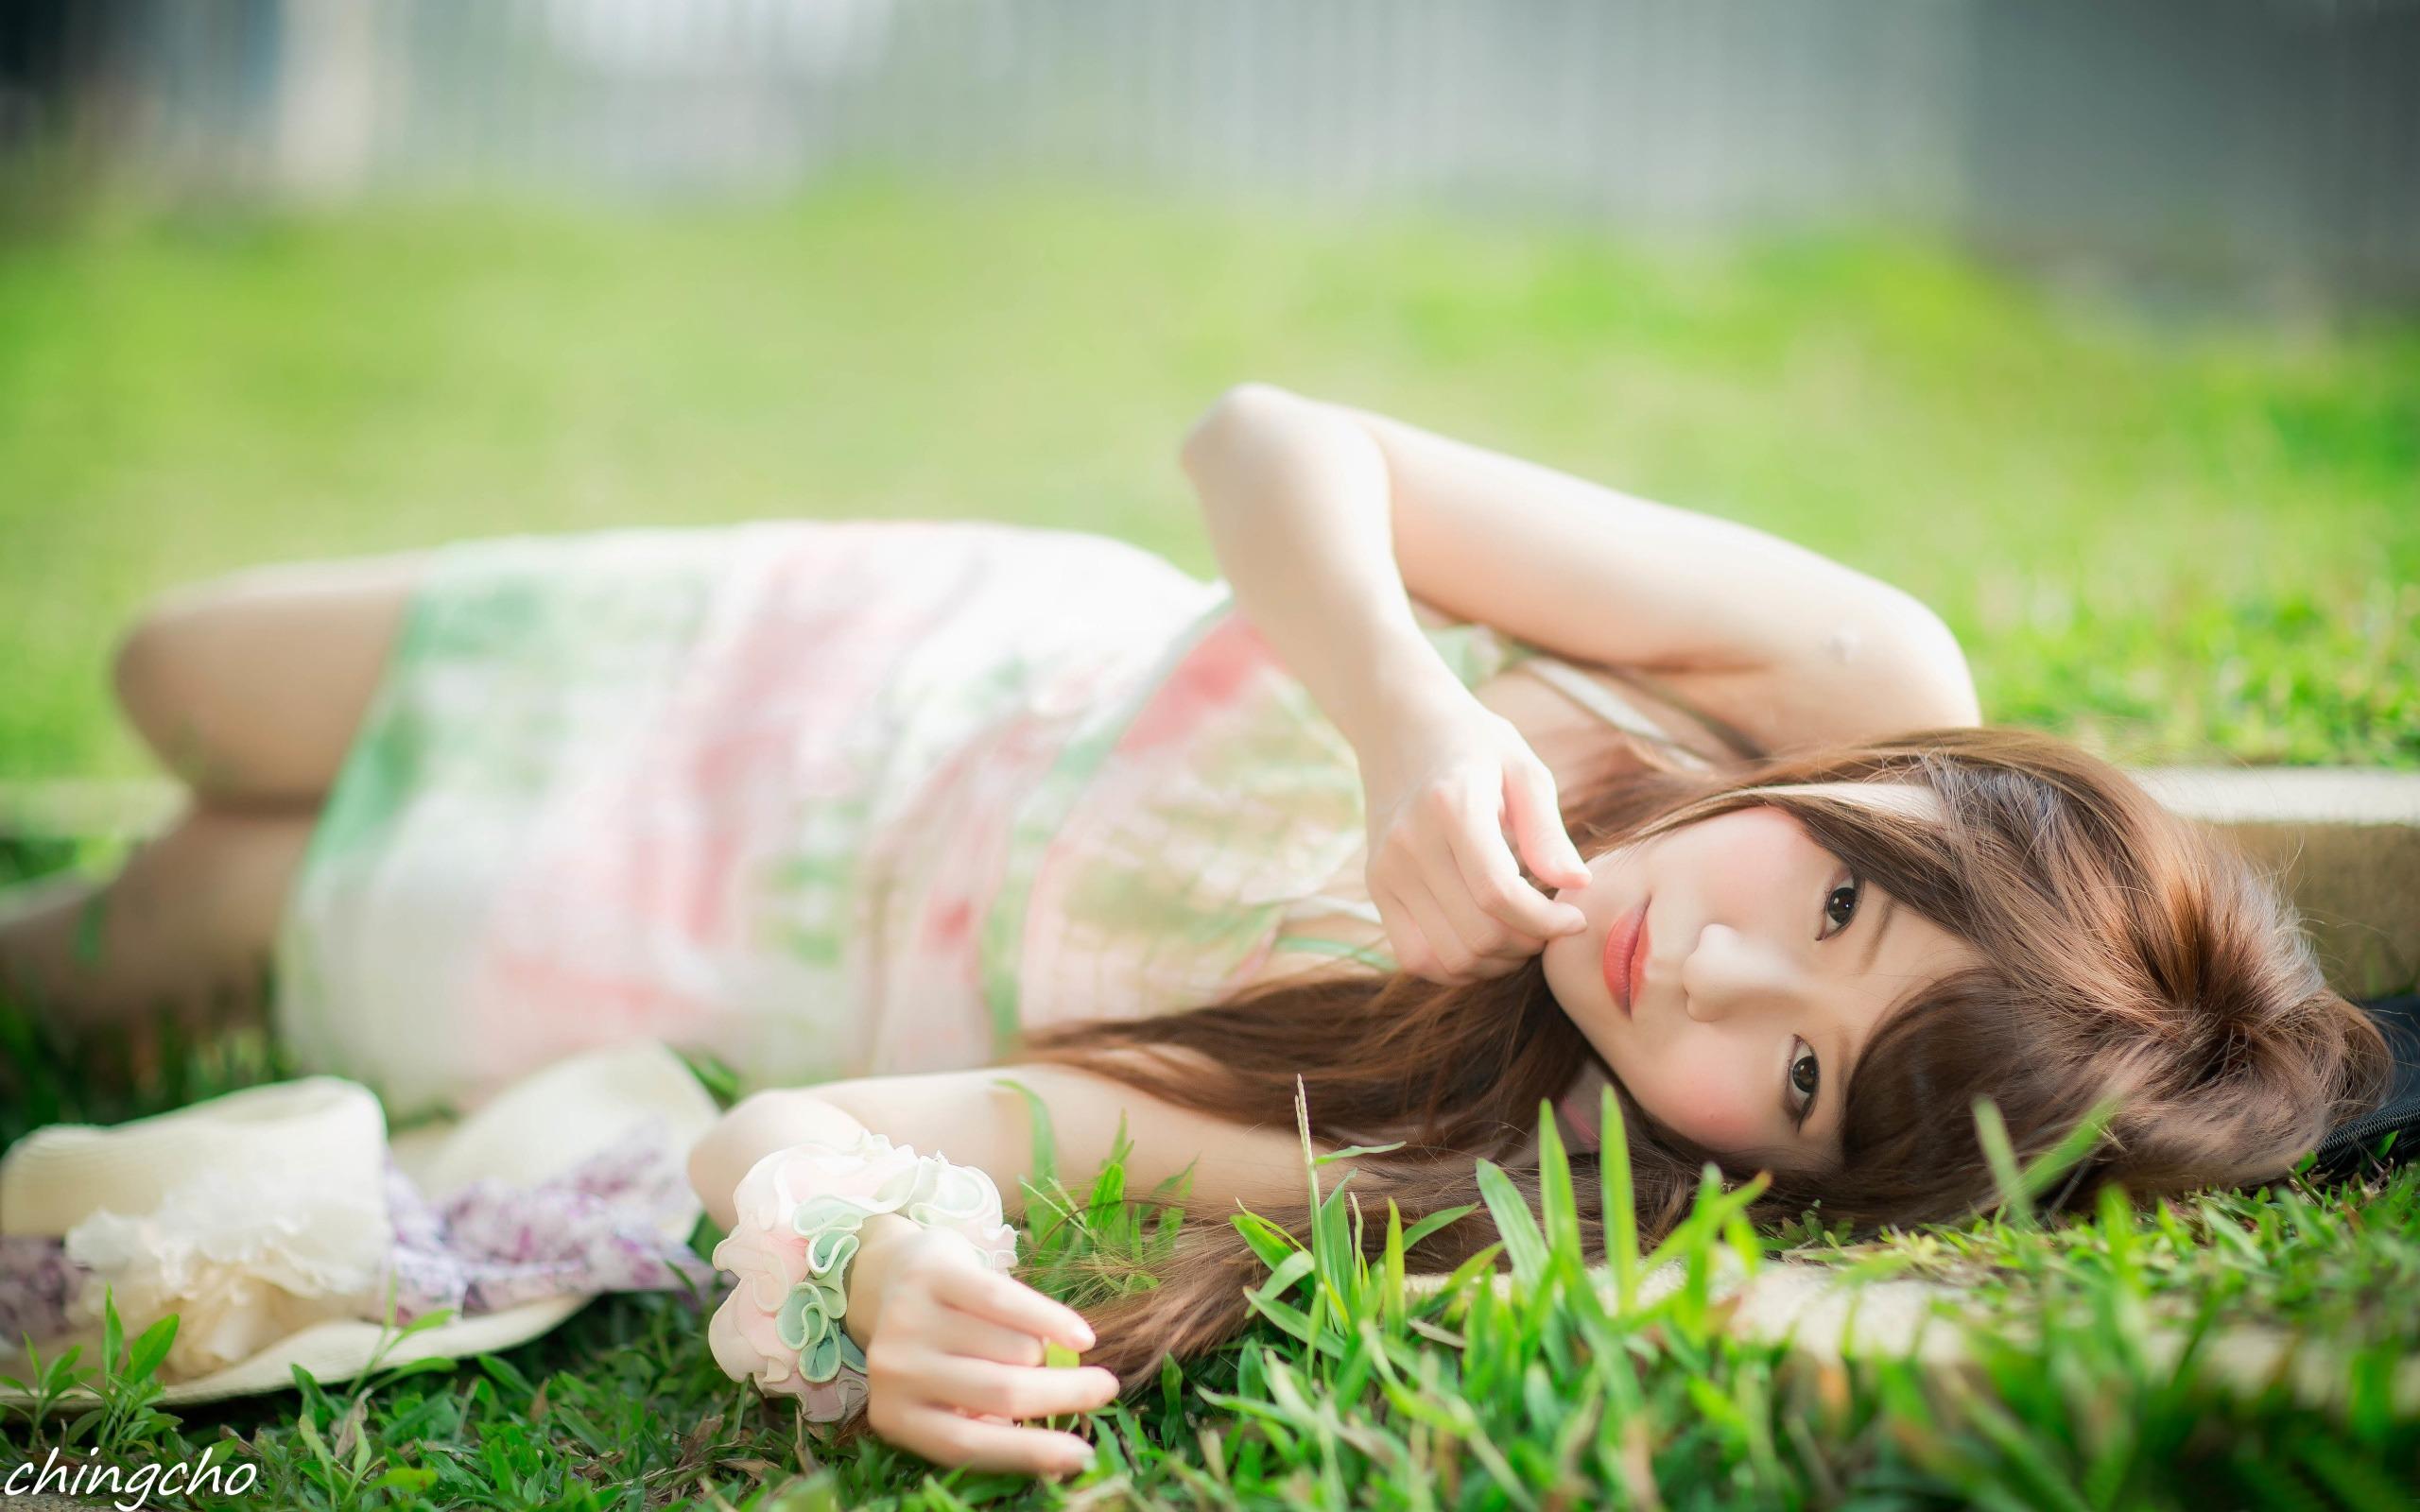 アジアのかわいい女の子草アウトドア モデル写真の壁紙プレビュー 10wallpaper Com